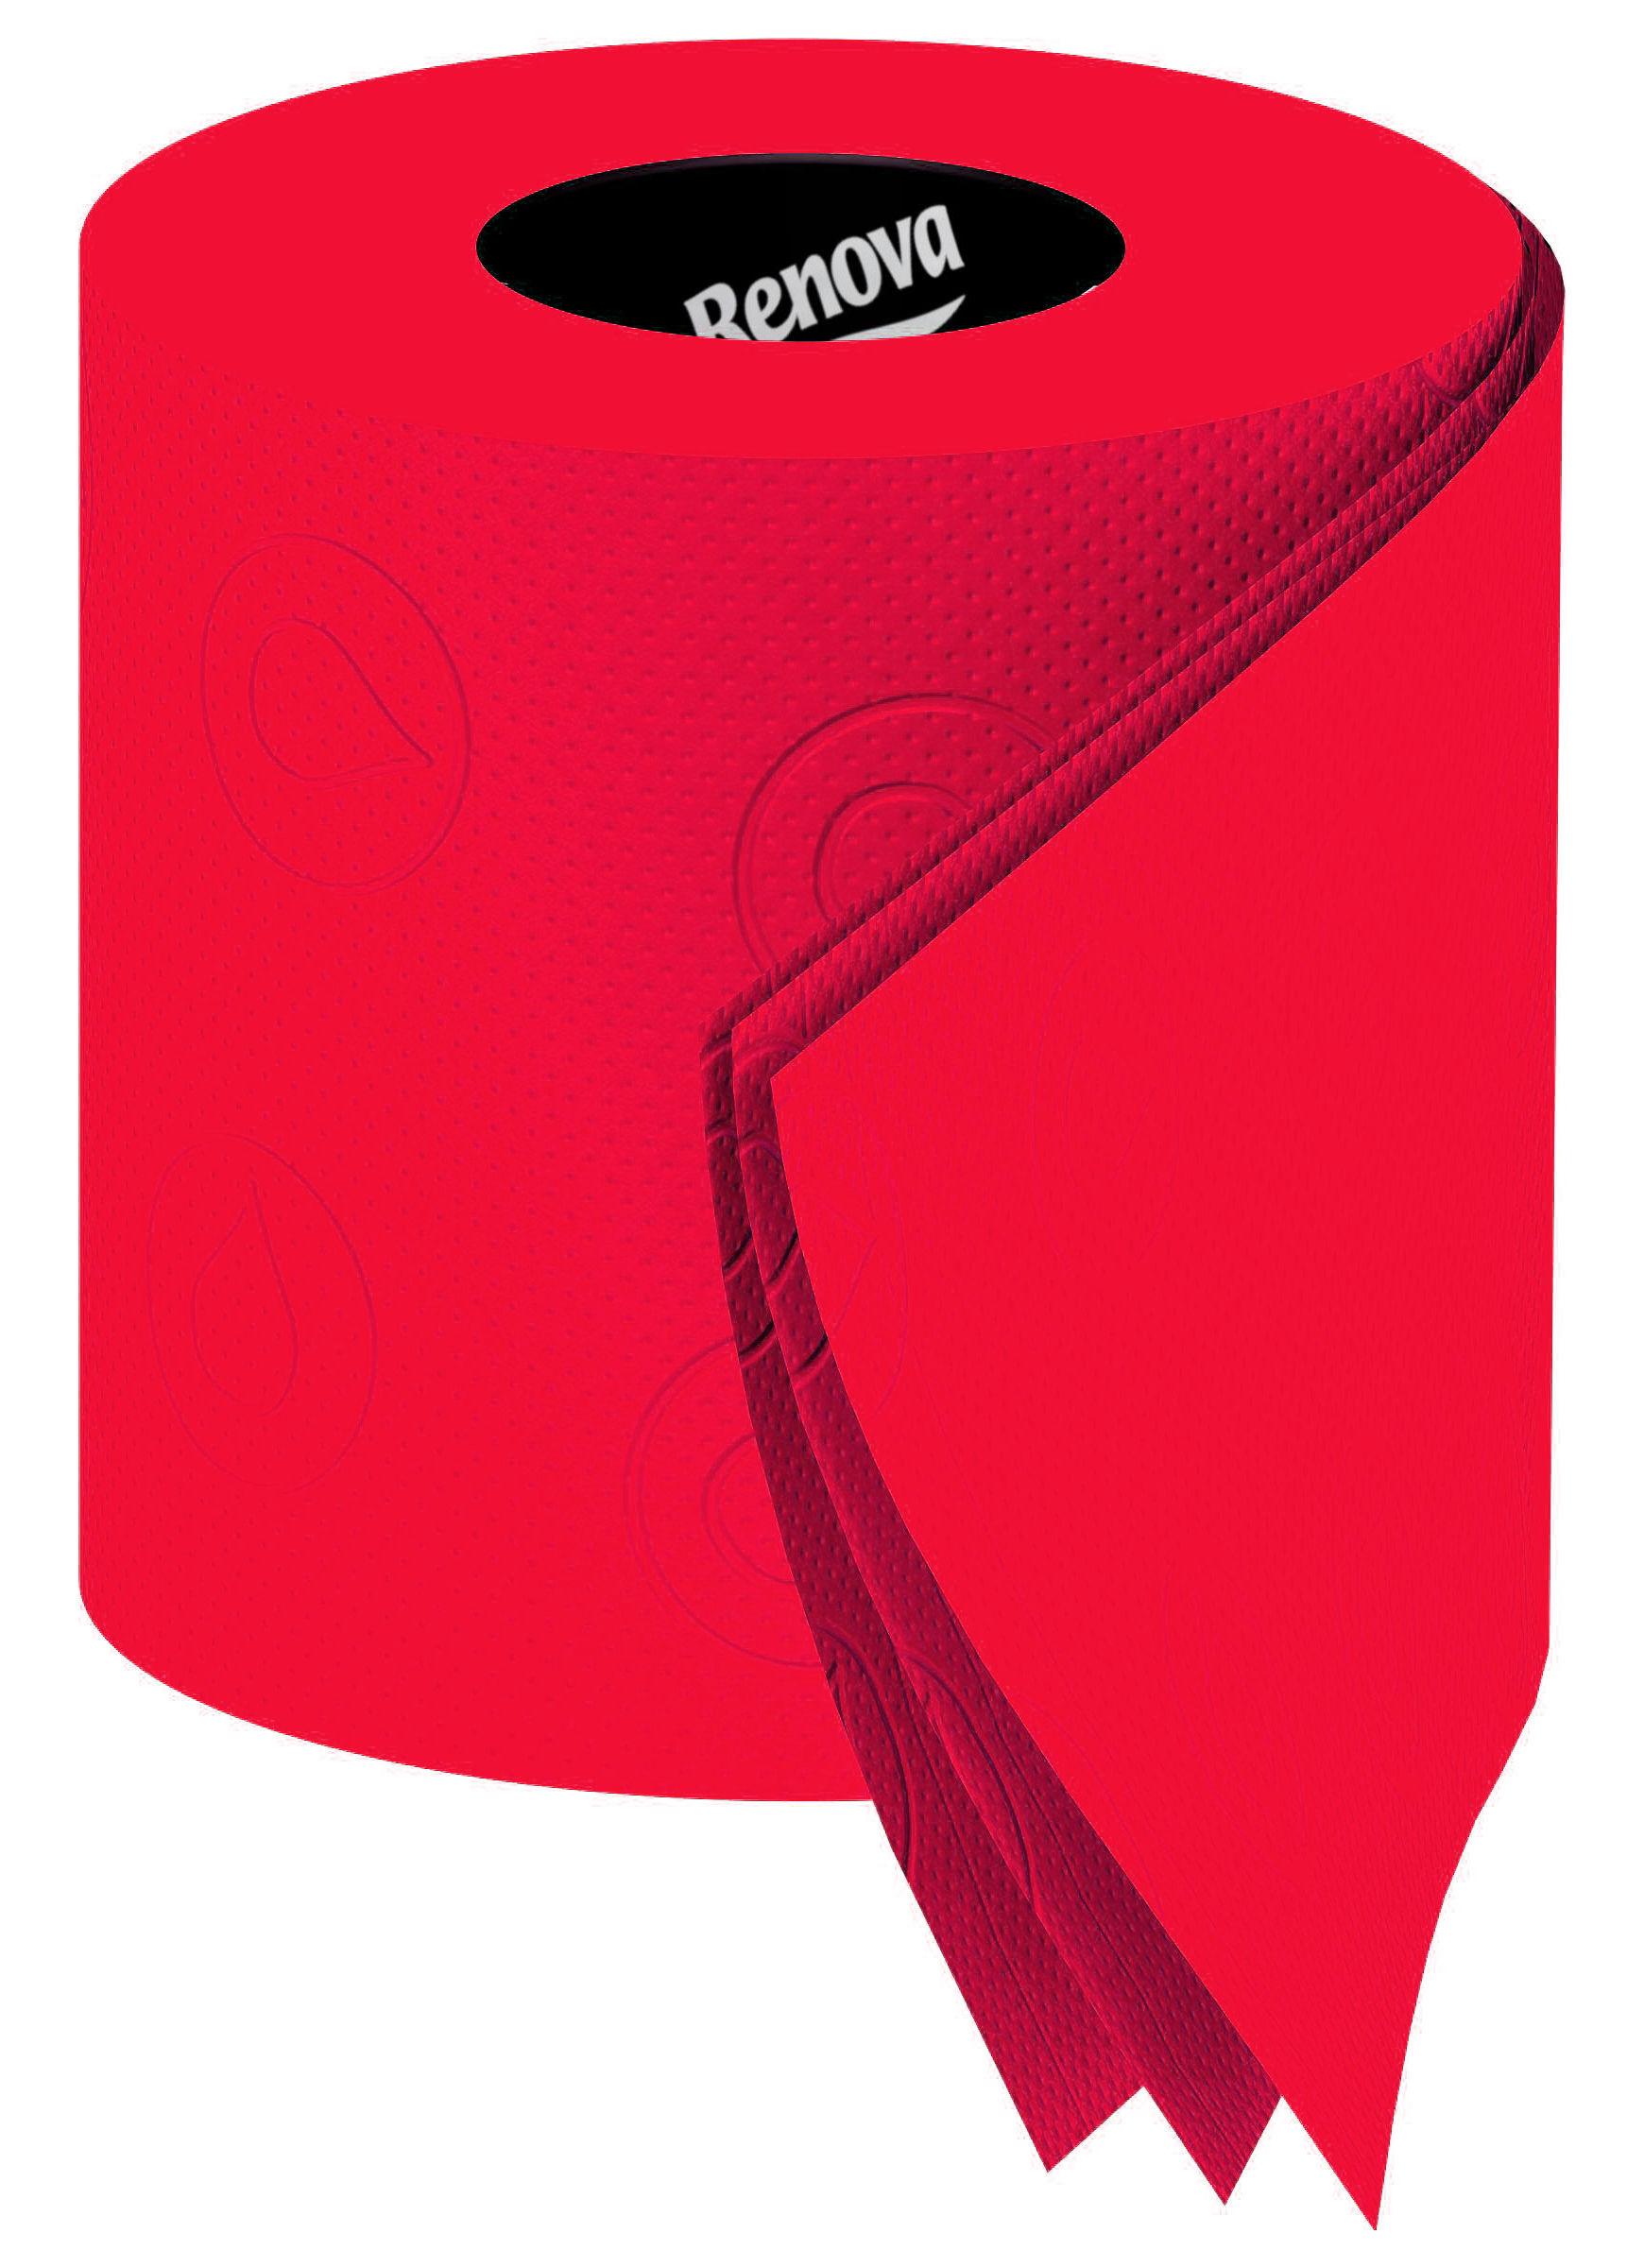 Papier toilette 6 rouleaux rouge 6 rouleaux renova - Papier toilette colore ...